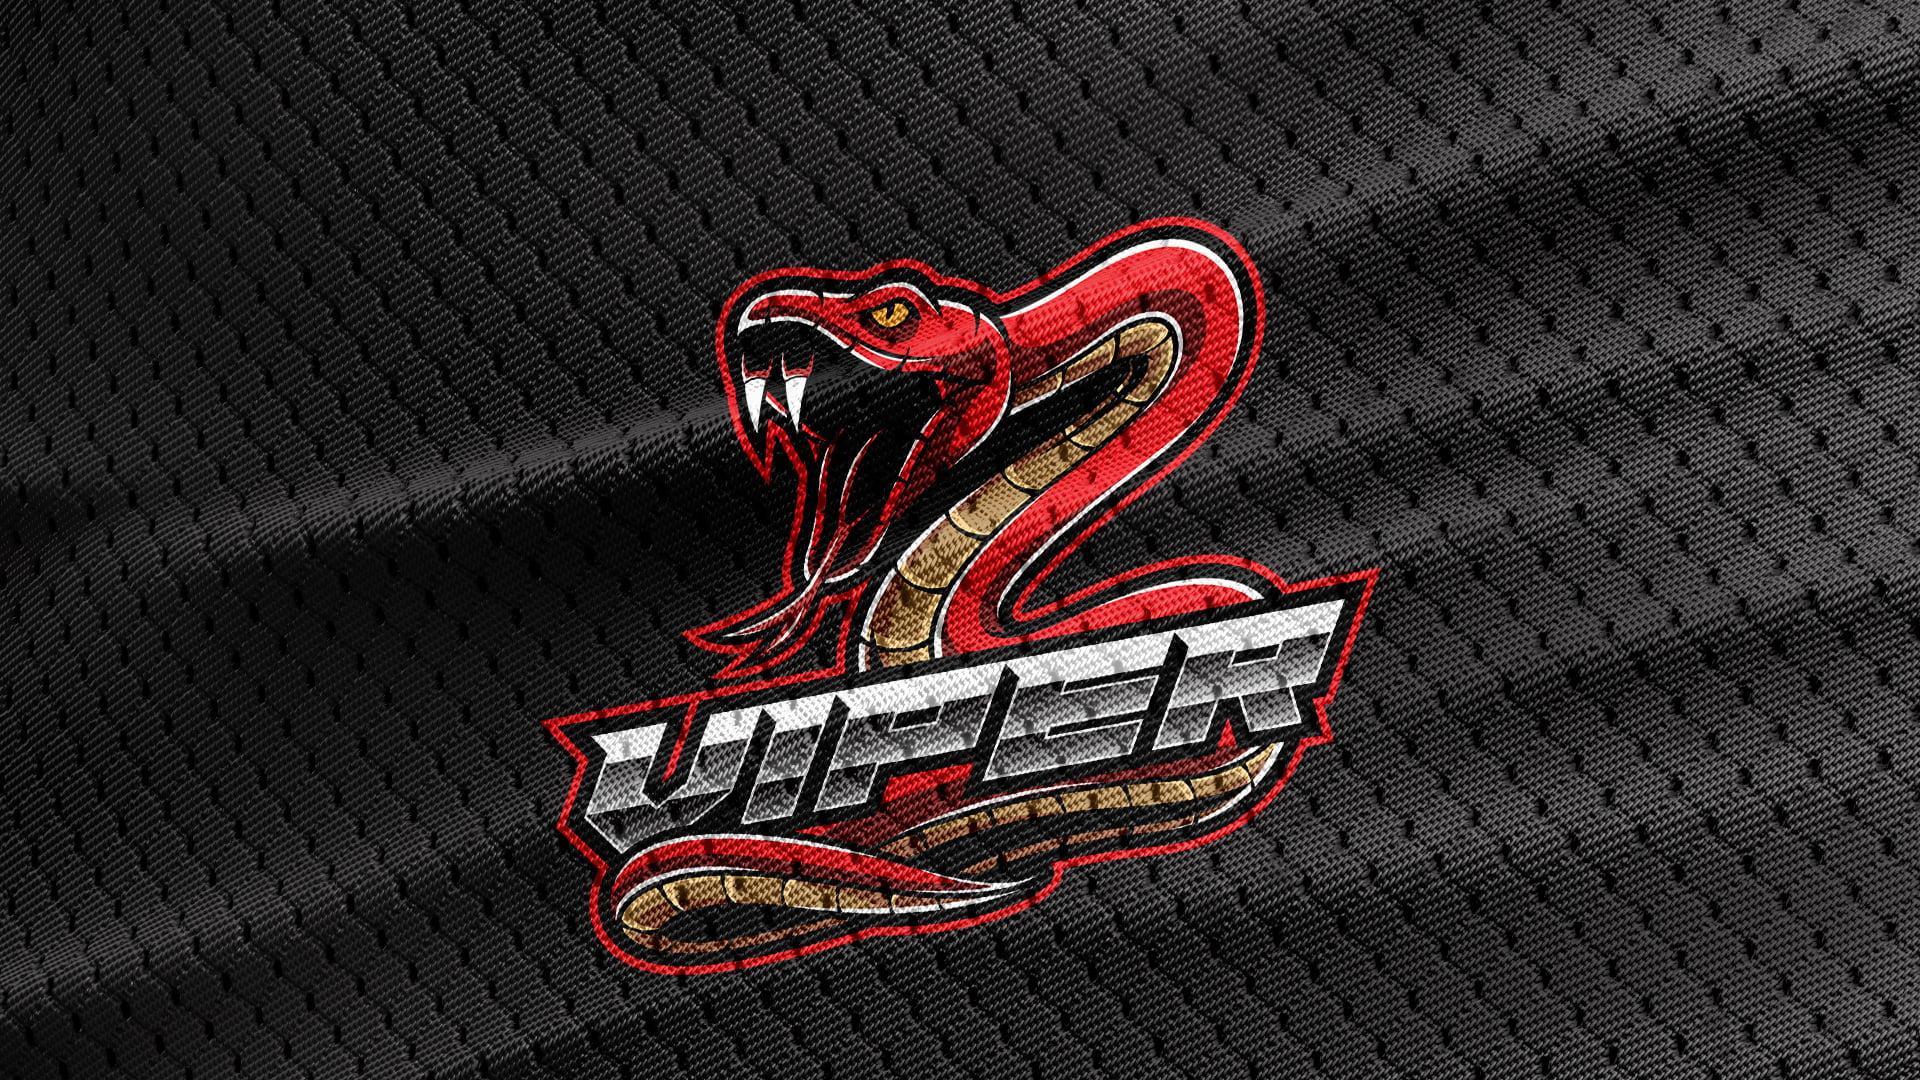 Free-Viper-Logo-Masco-Downloadt